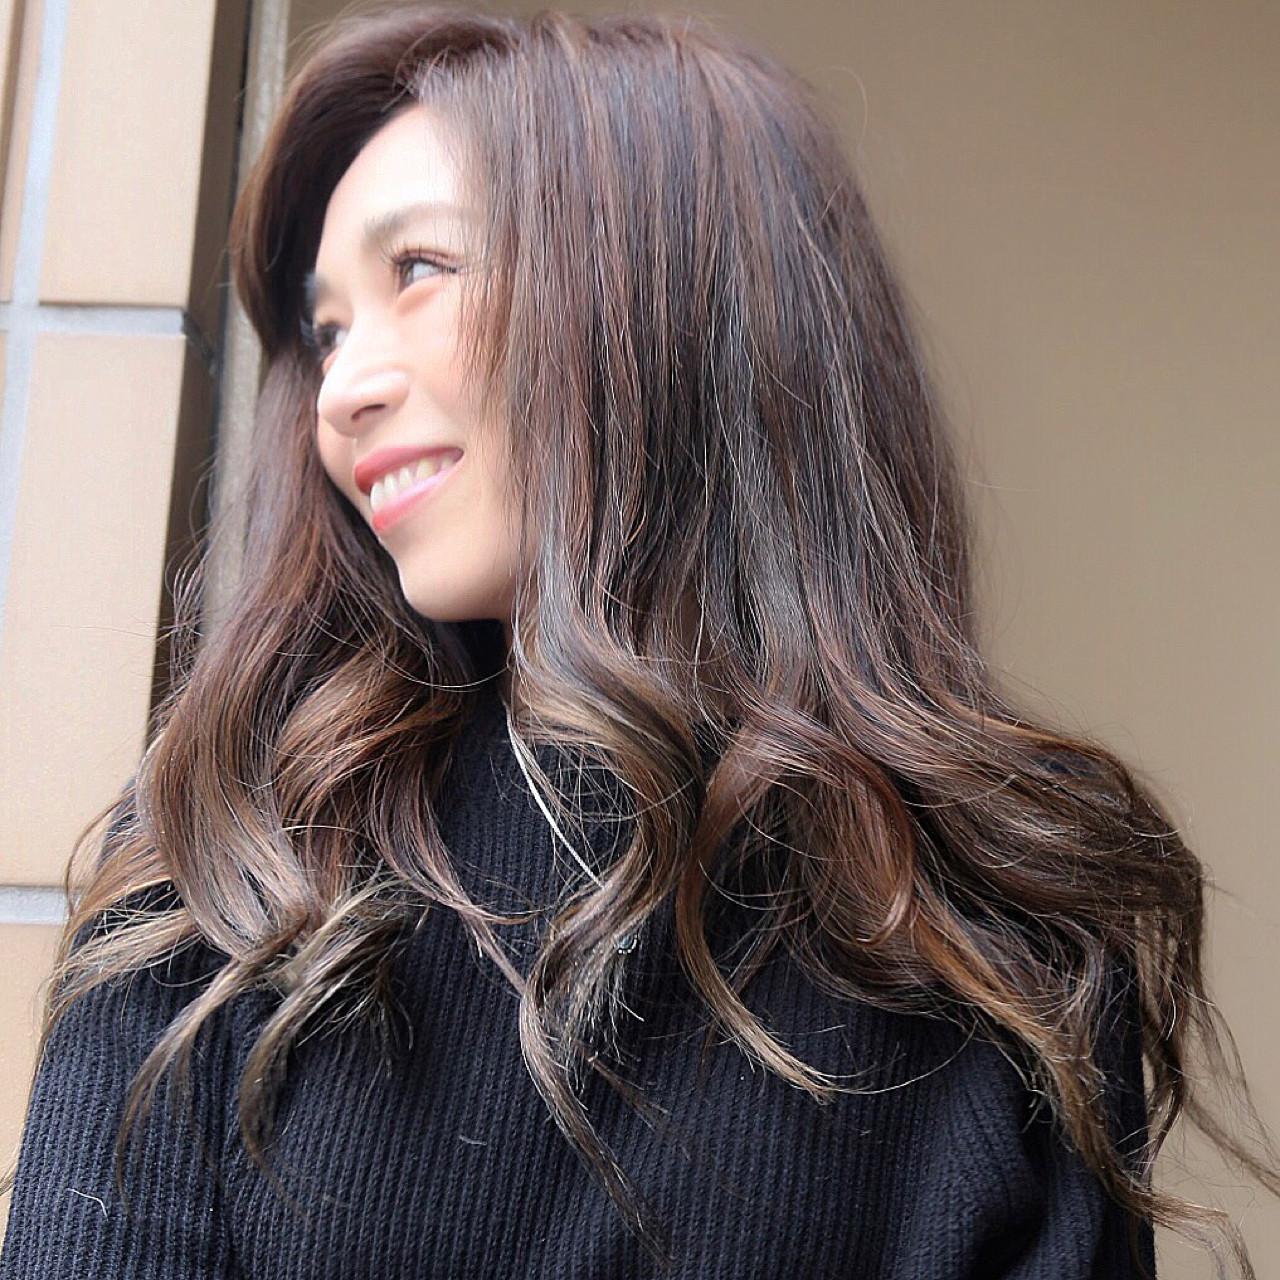 グラデーションカラー ハイライト 外国人風 ナチュラル ヘアスタイルや髪型の写真・画像 | 高橋ジロウ / ROENA 原宿.表参道 / ROENA